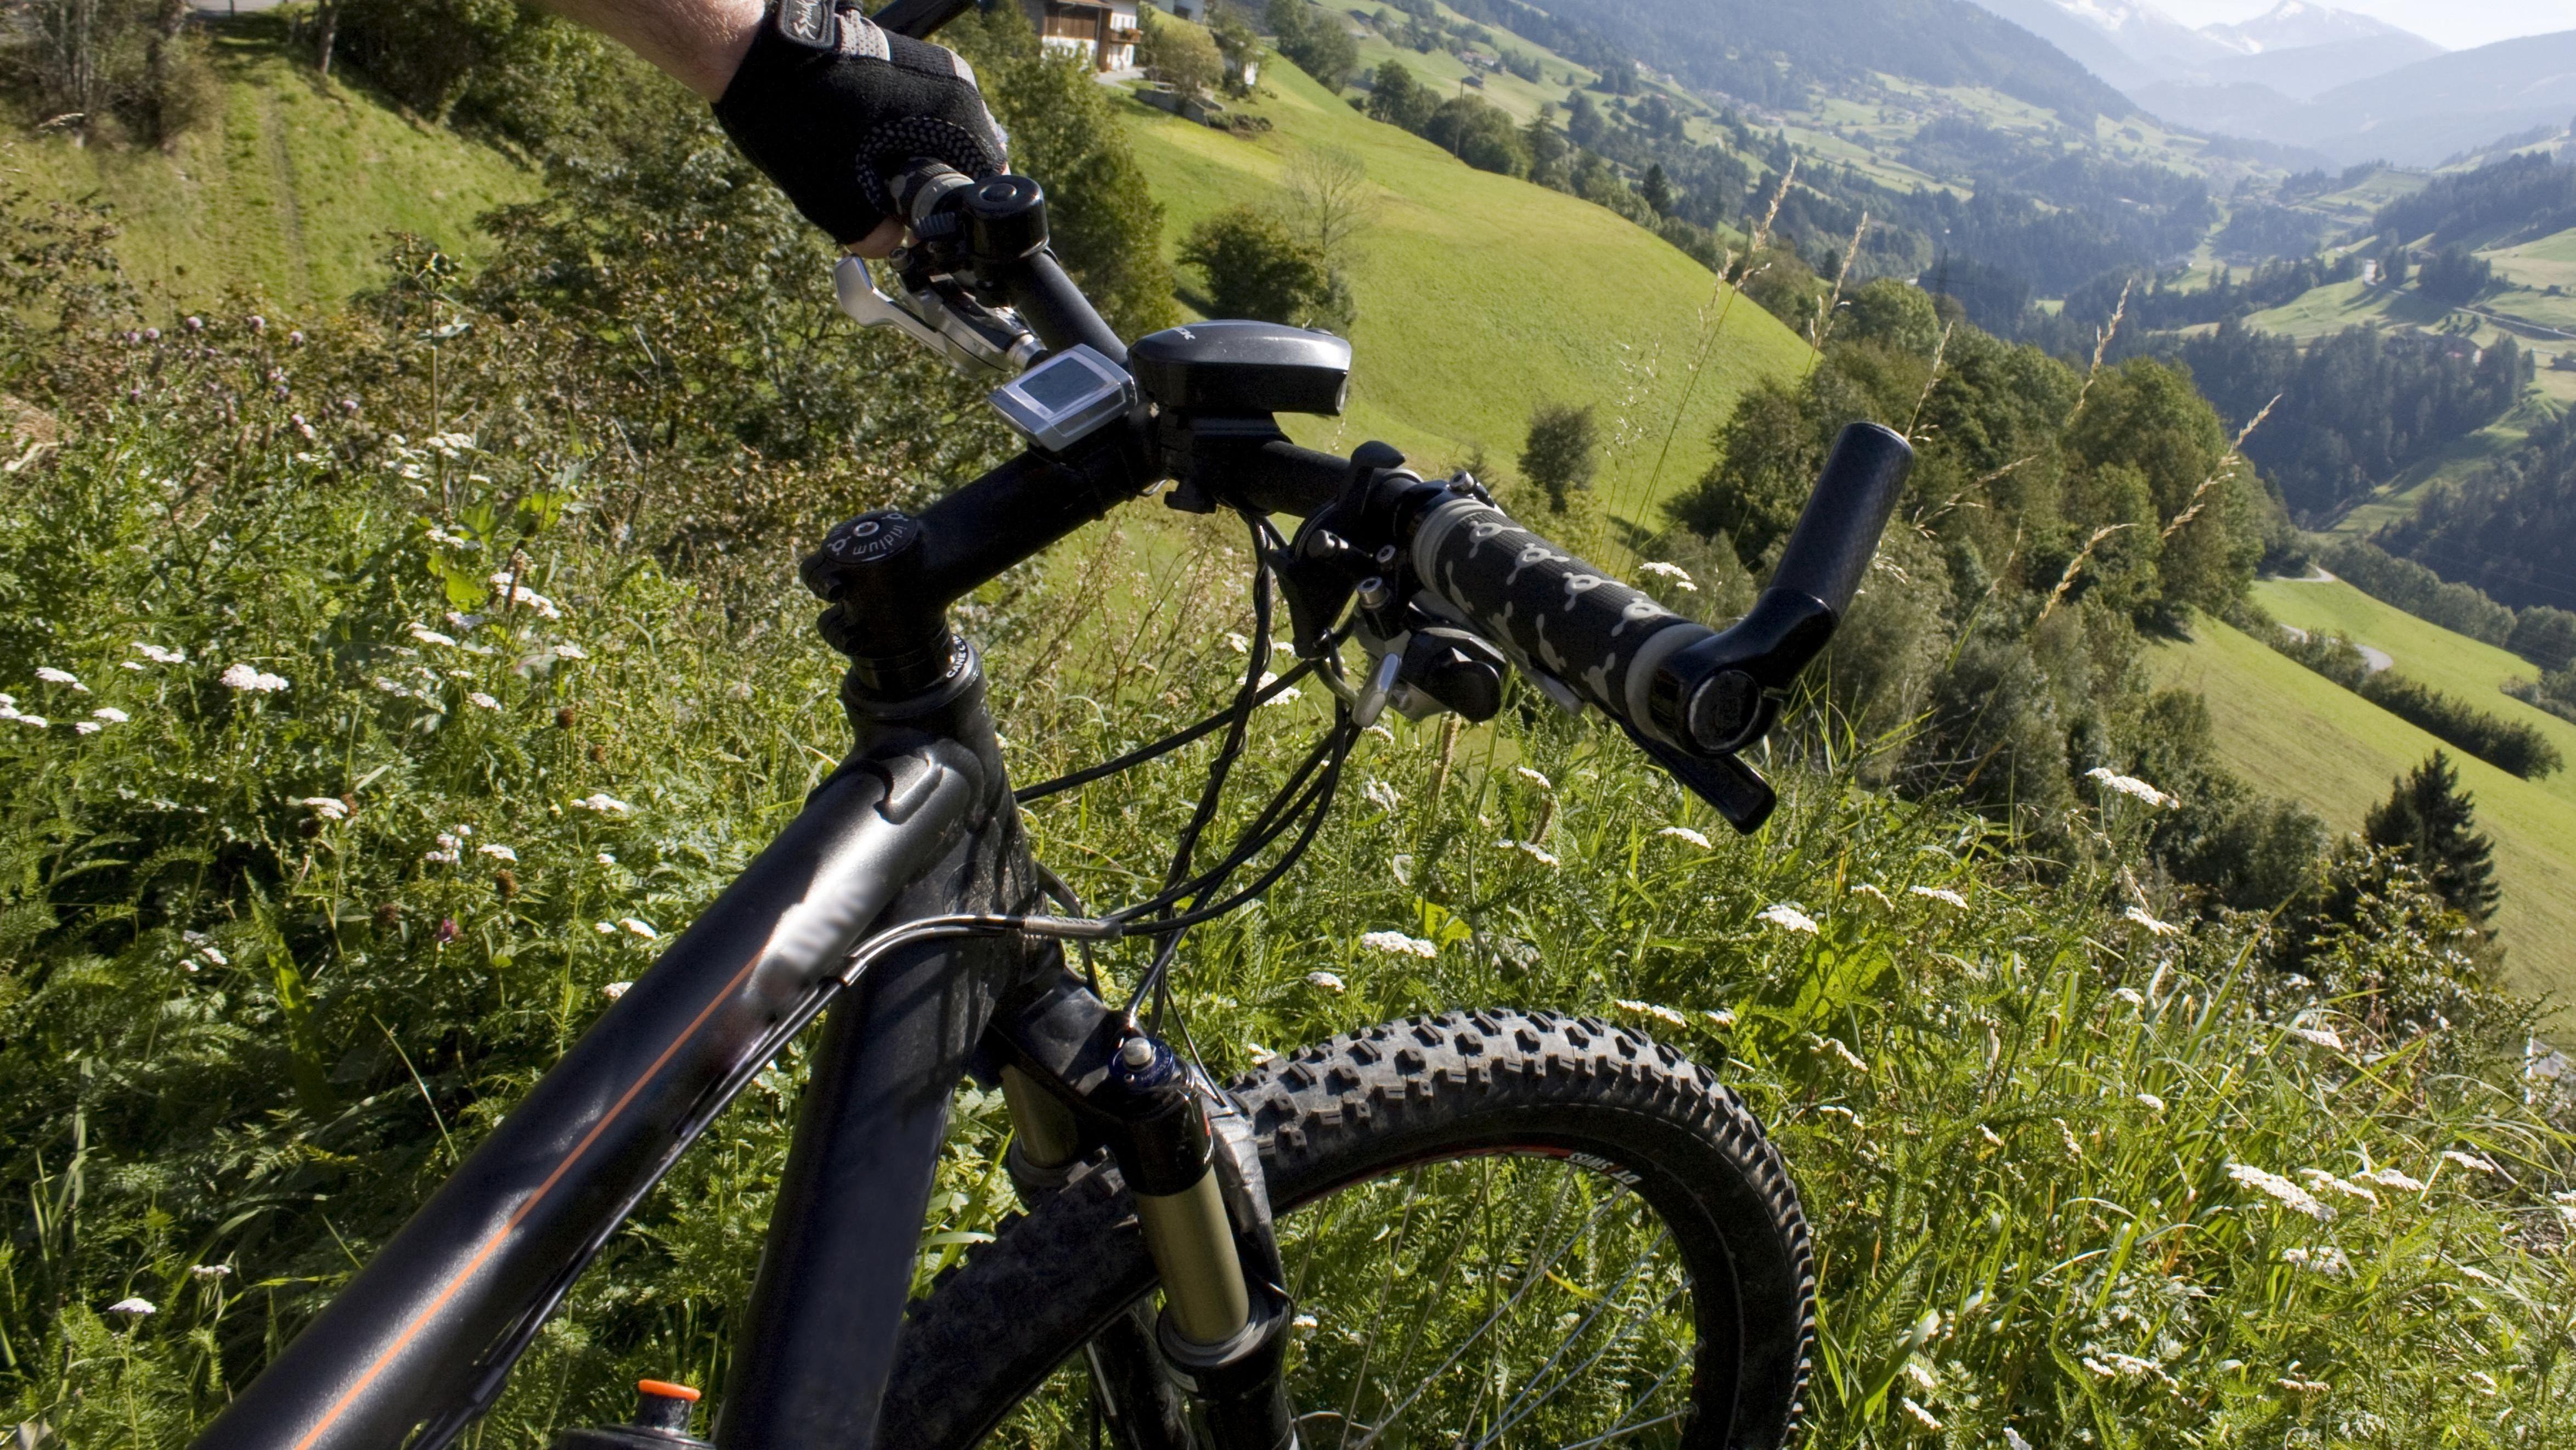 Mit Mountainbike in den Bergen (Symbolbild)